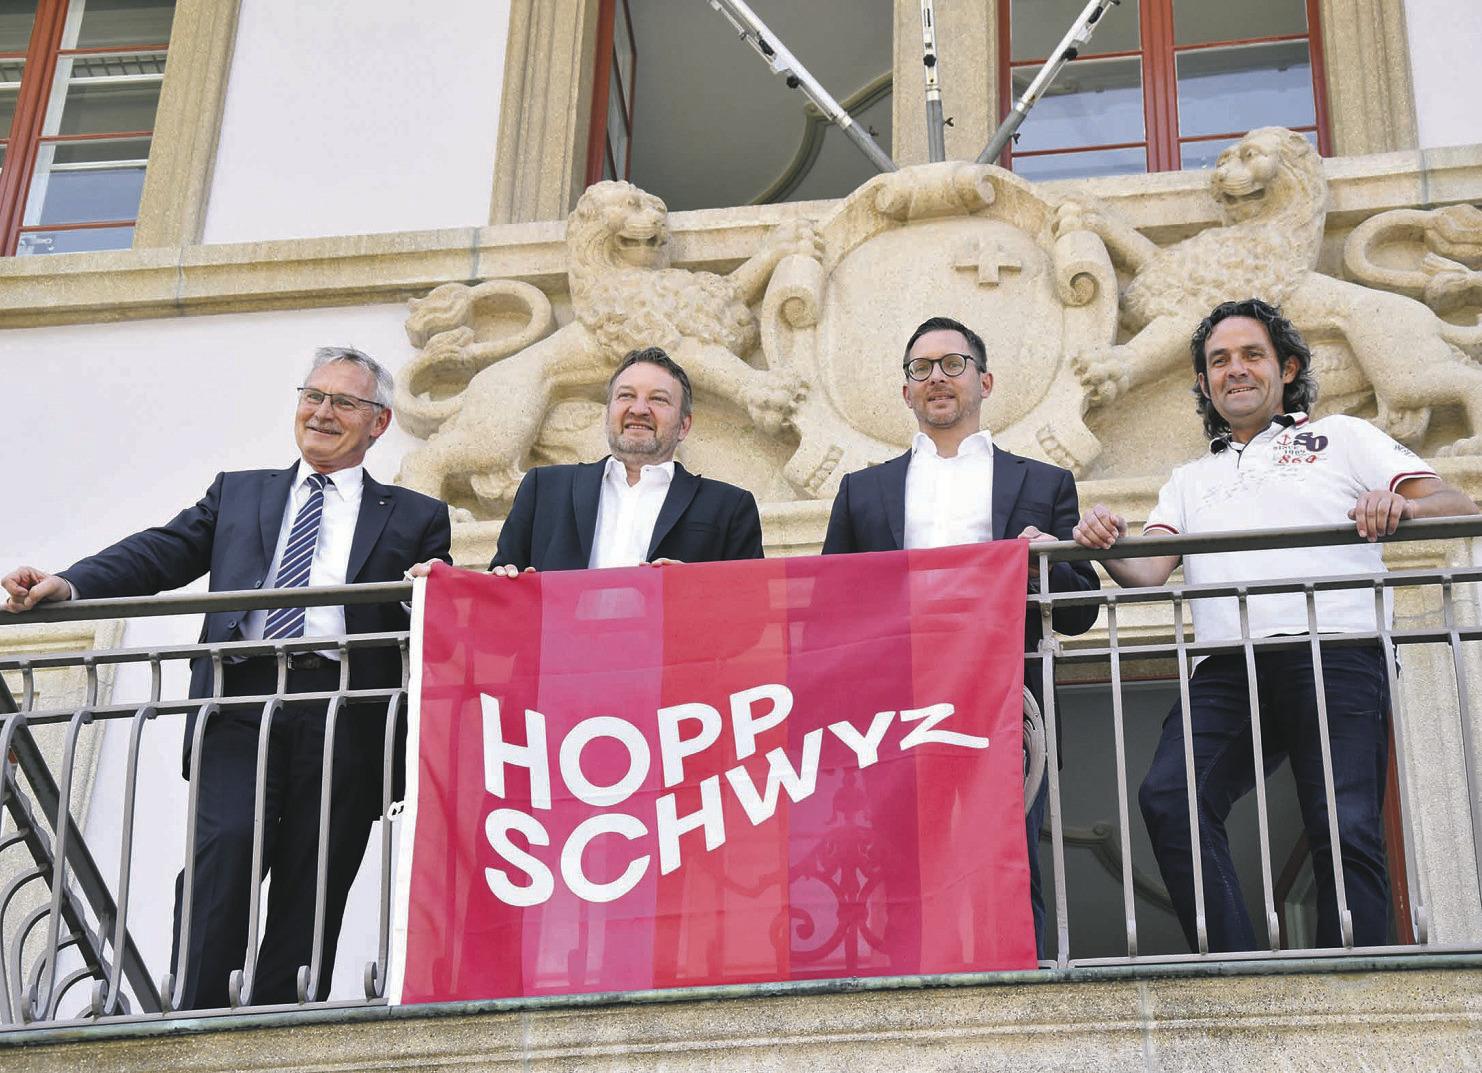 Kanton Schwyz will Konsum ankurbeln und Tourismus stärken